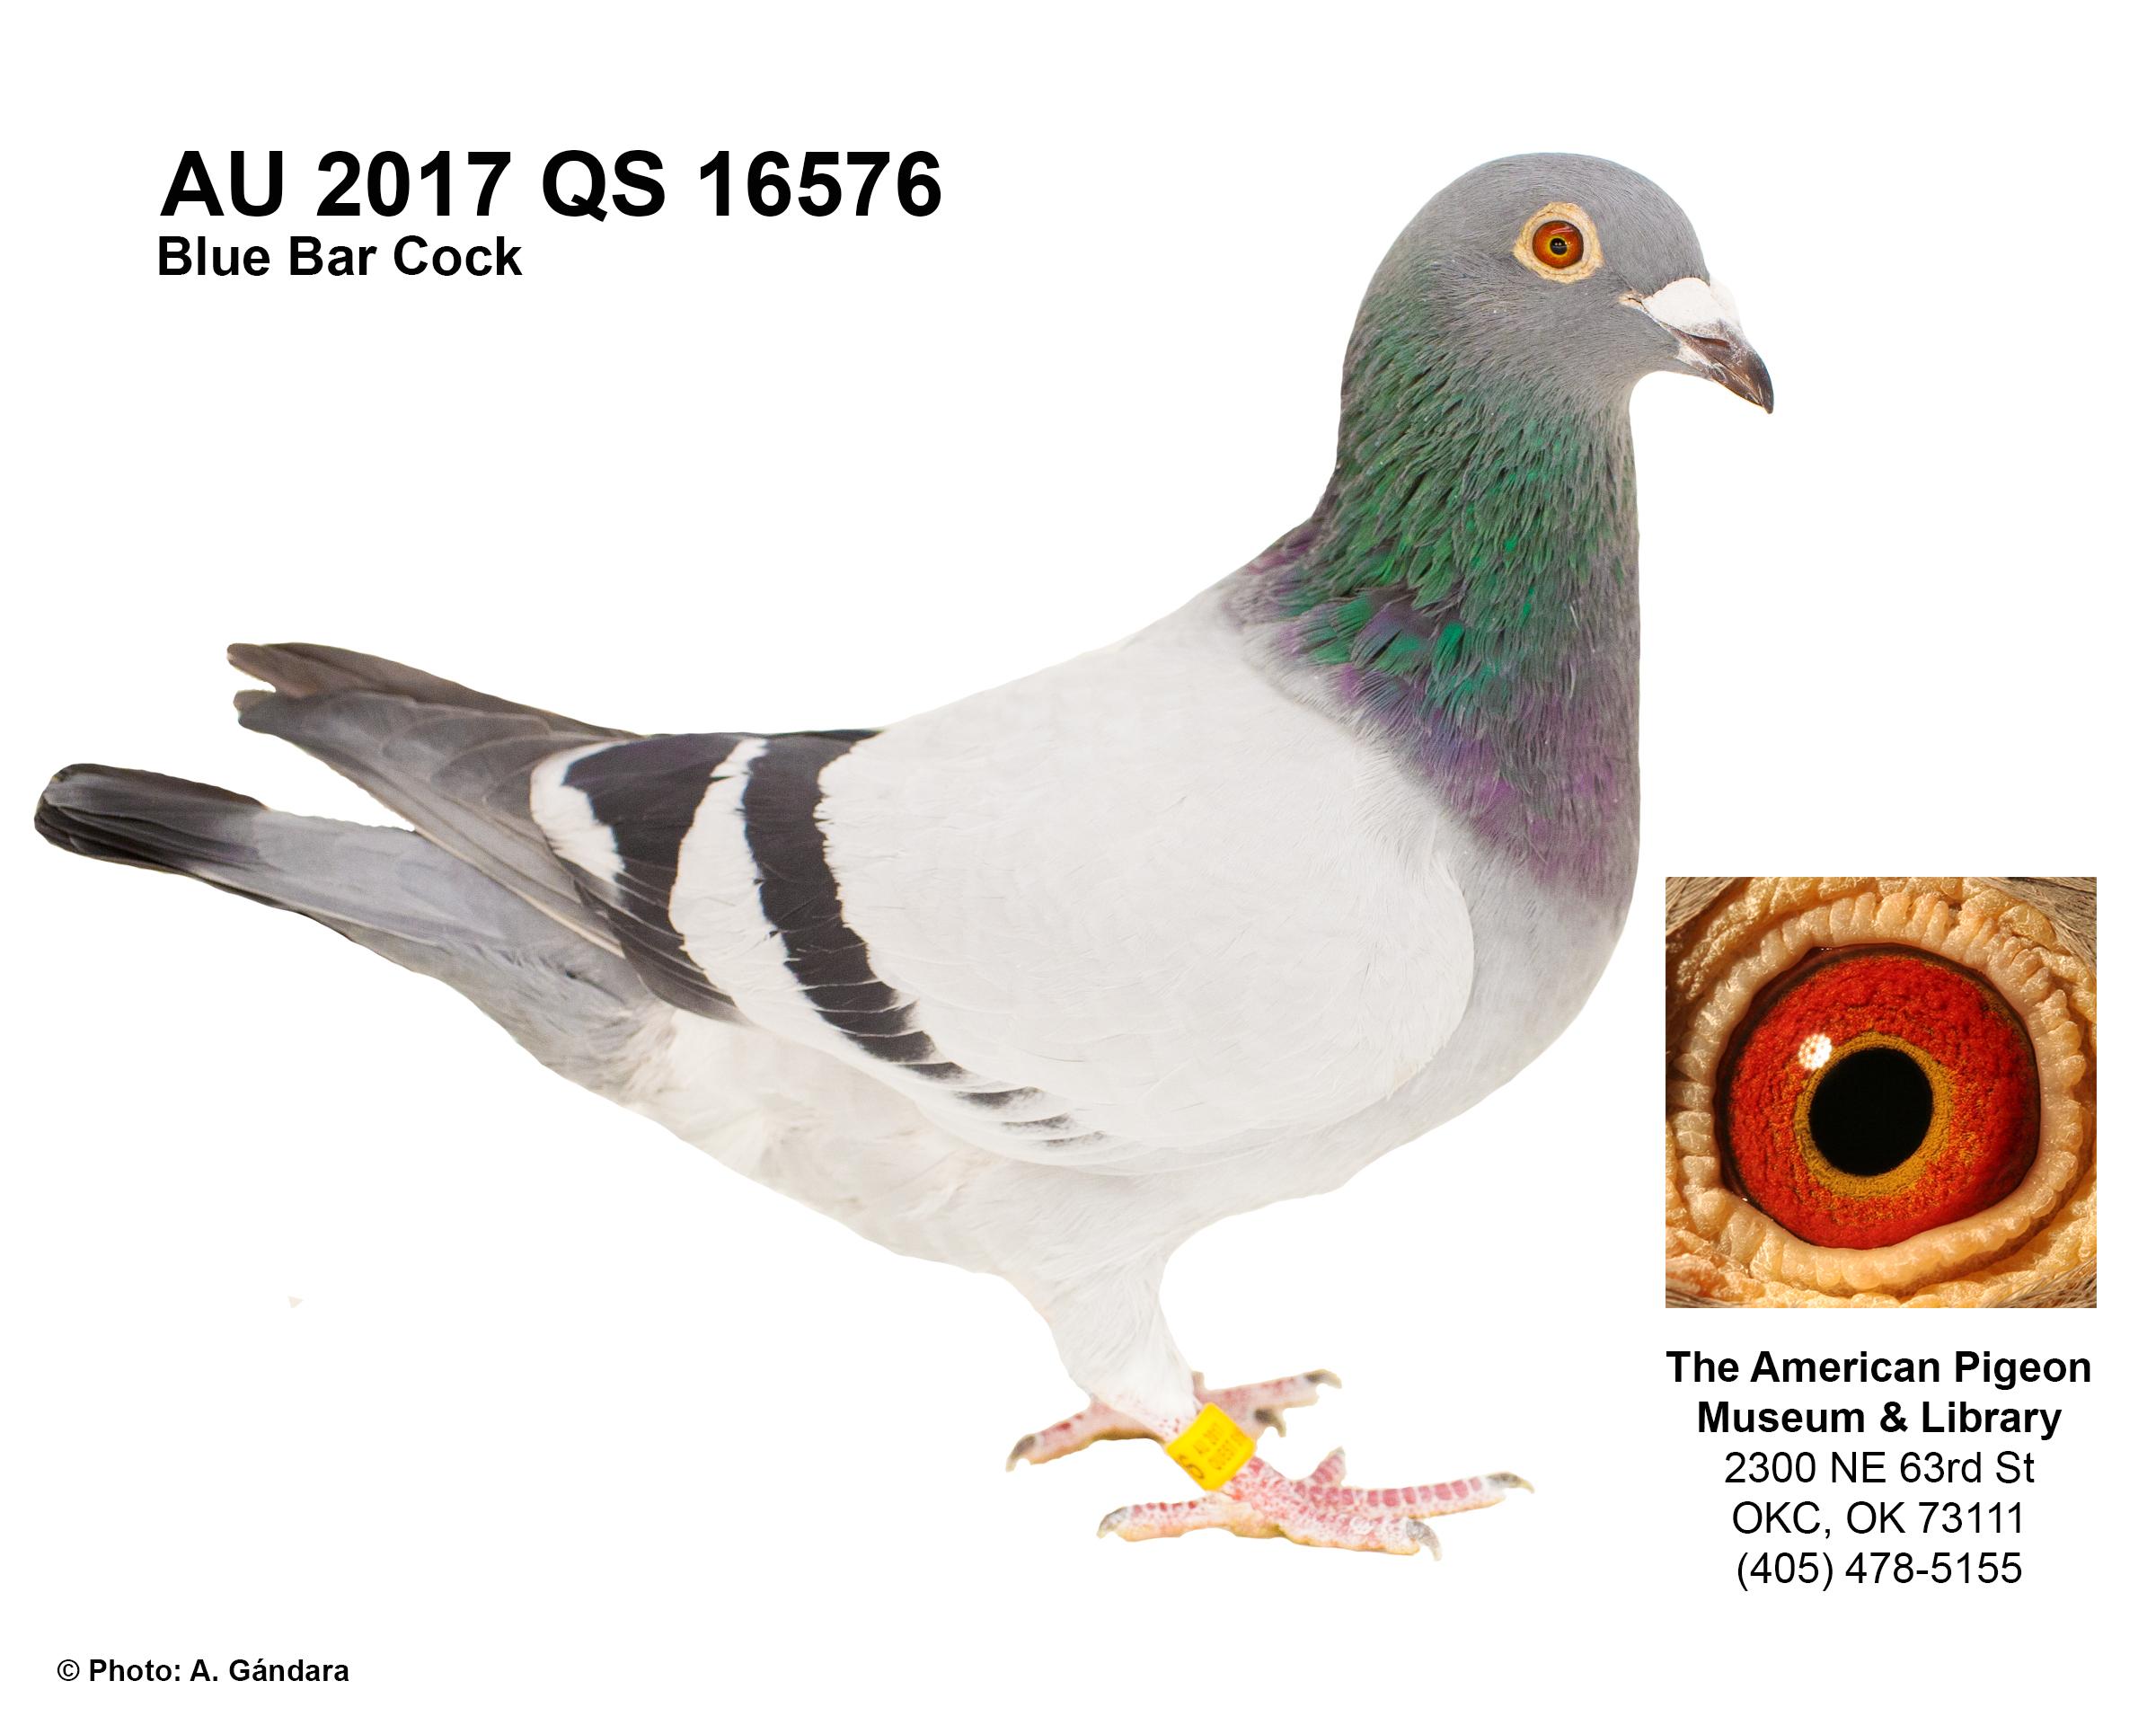 AU 17 QS 16576 BLUE BAR COCK